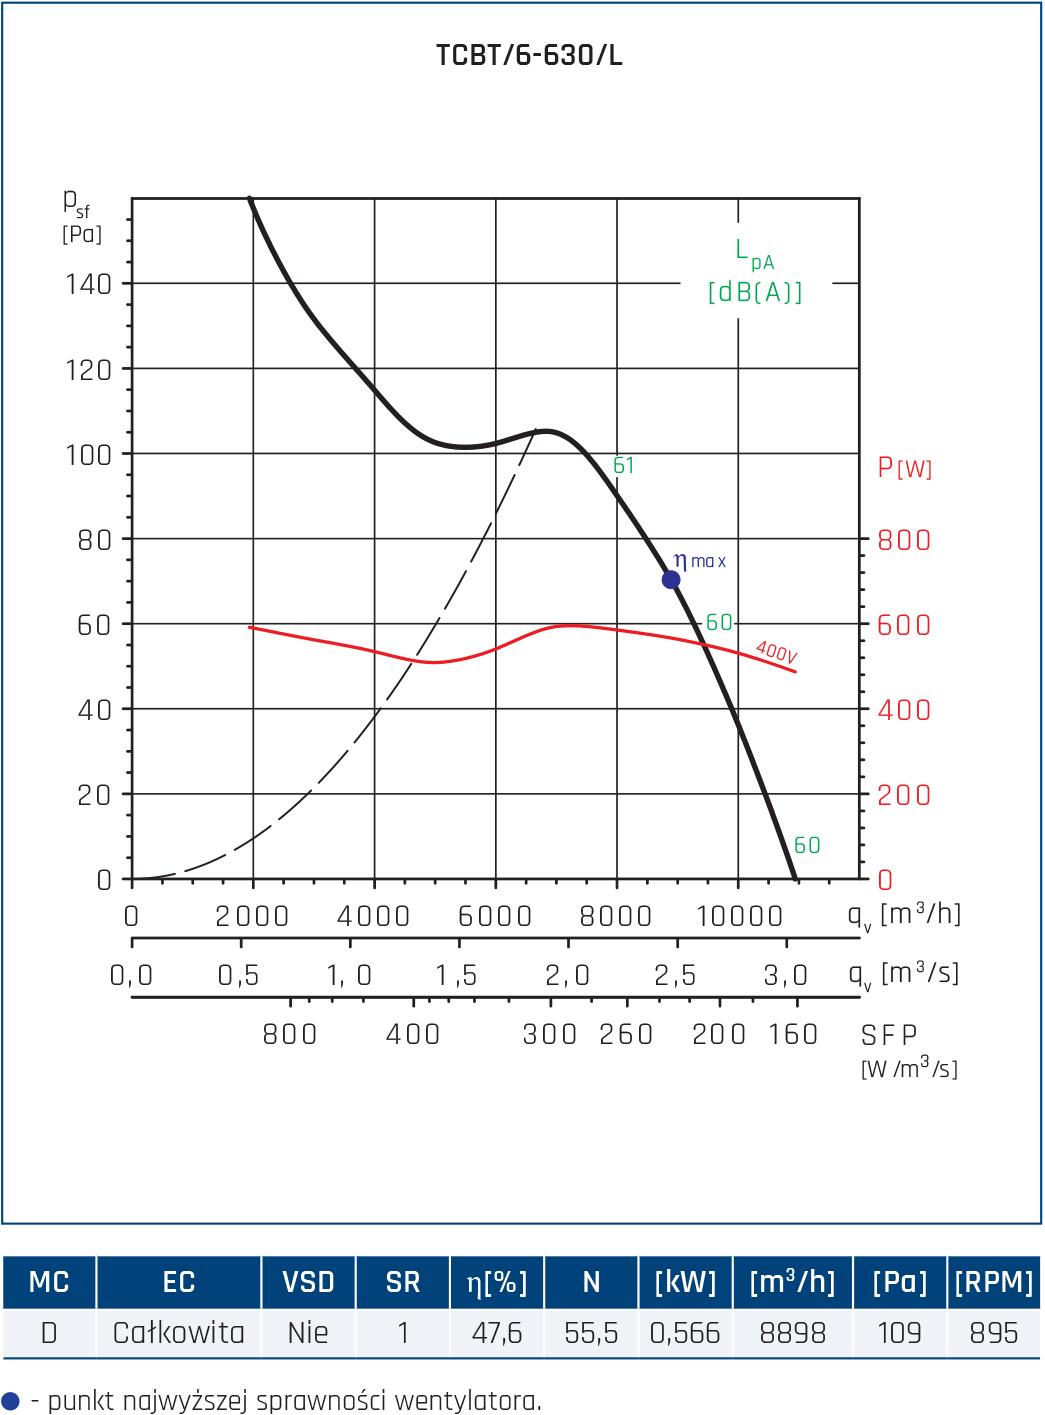 Wentylator Compact TCBB/TCBT 82